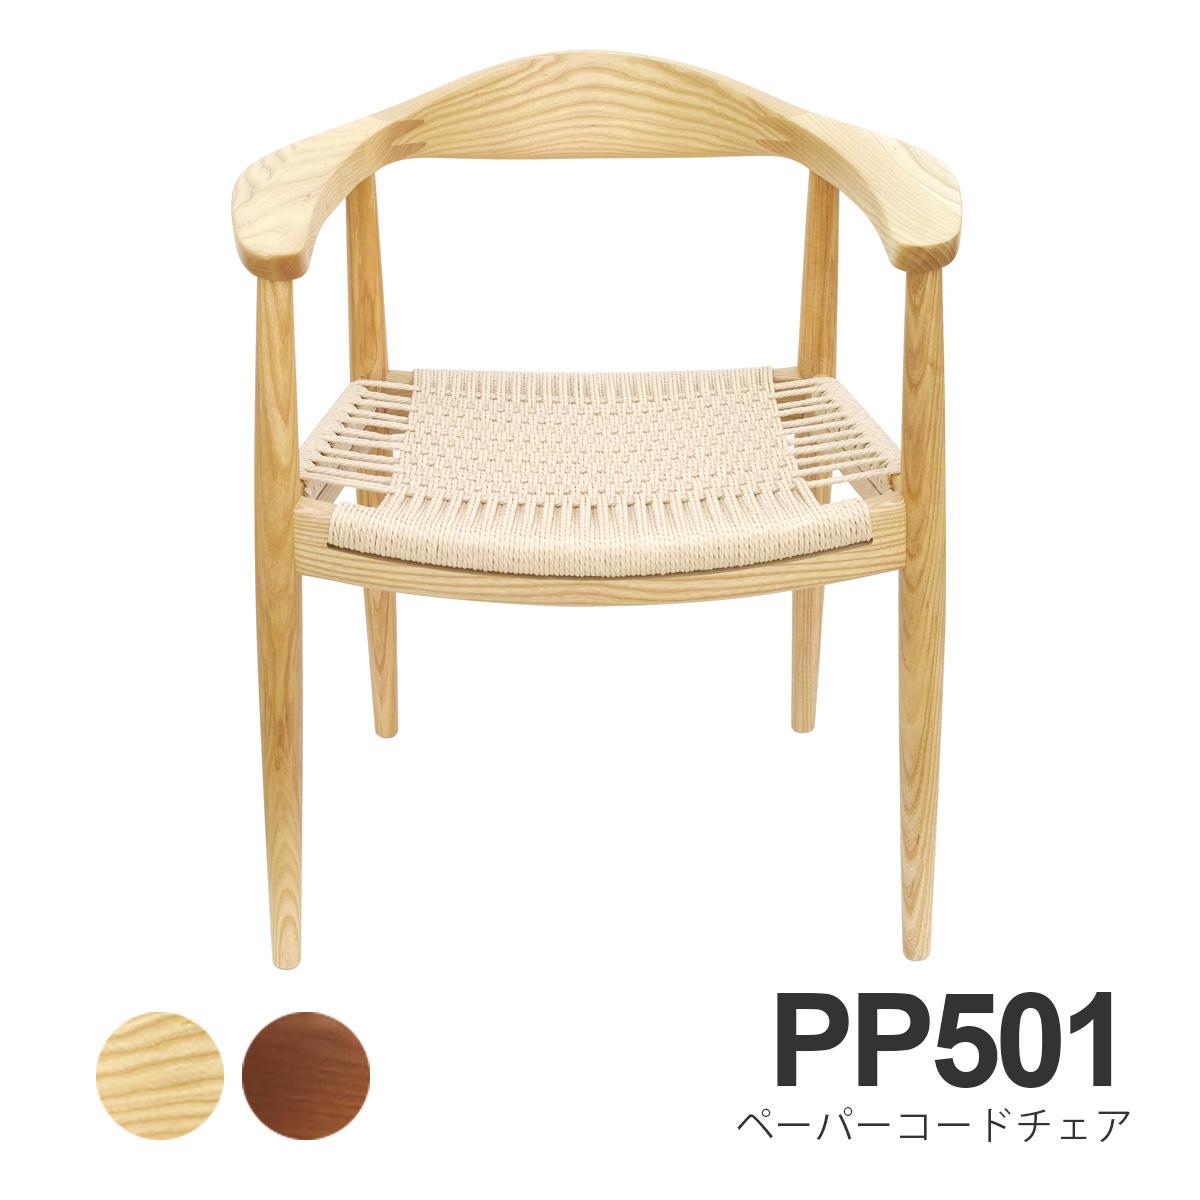 ウェグナー PP501 ザチェア The Chair(ザ チェア) ペーパーコード仕様 北欧 木製 デザイナーズ リプロダクト ダイニングチェア 椅子 北米産ホワイトアッシュ使用 送料無料